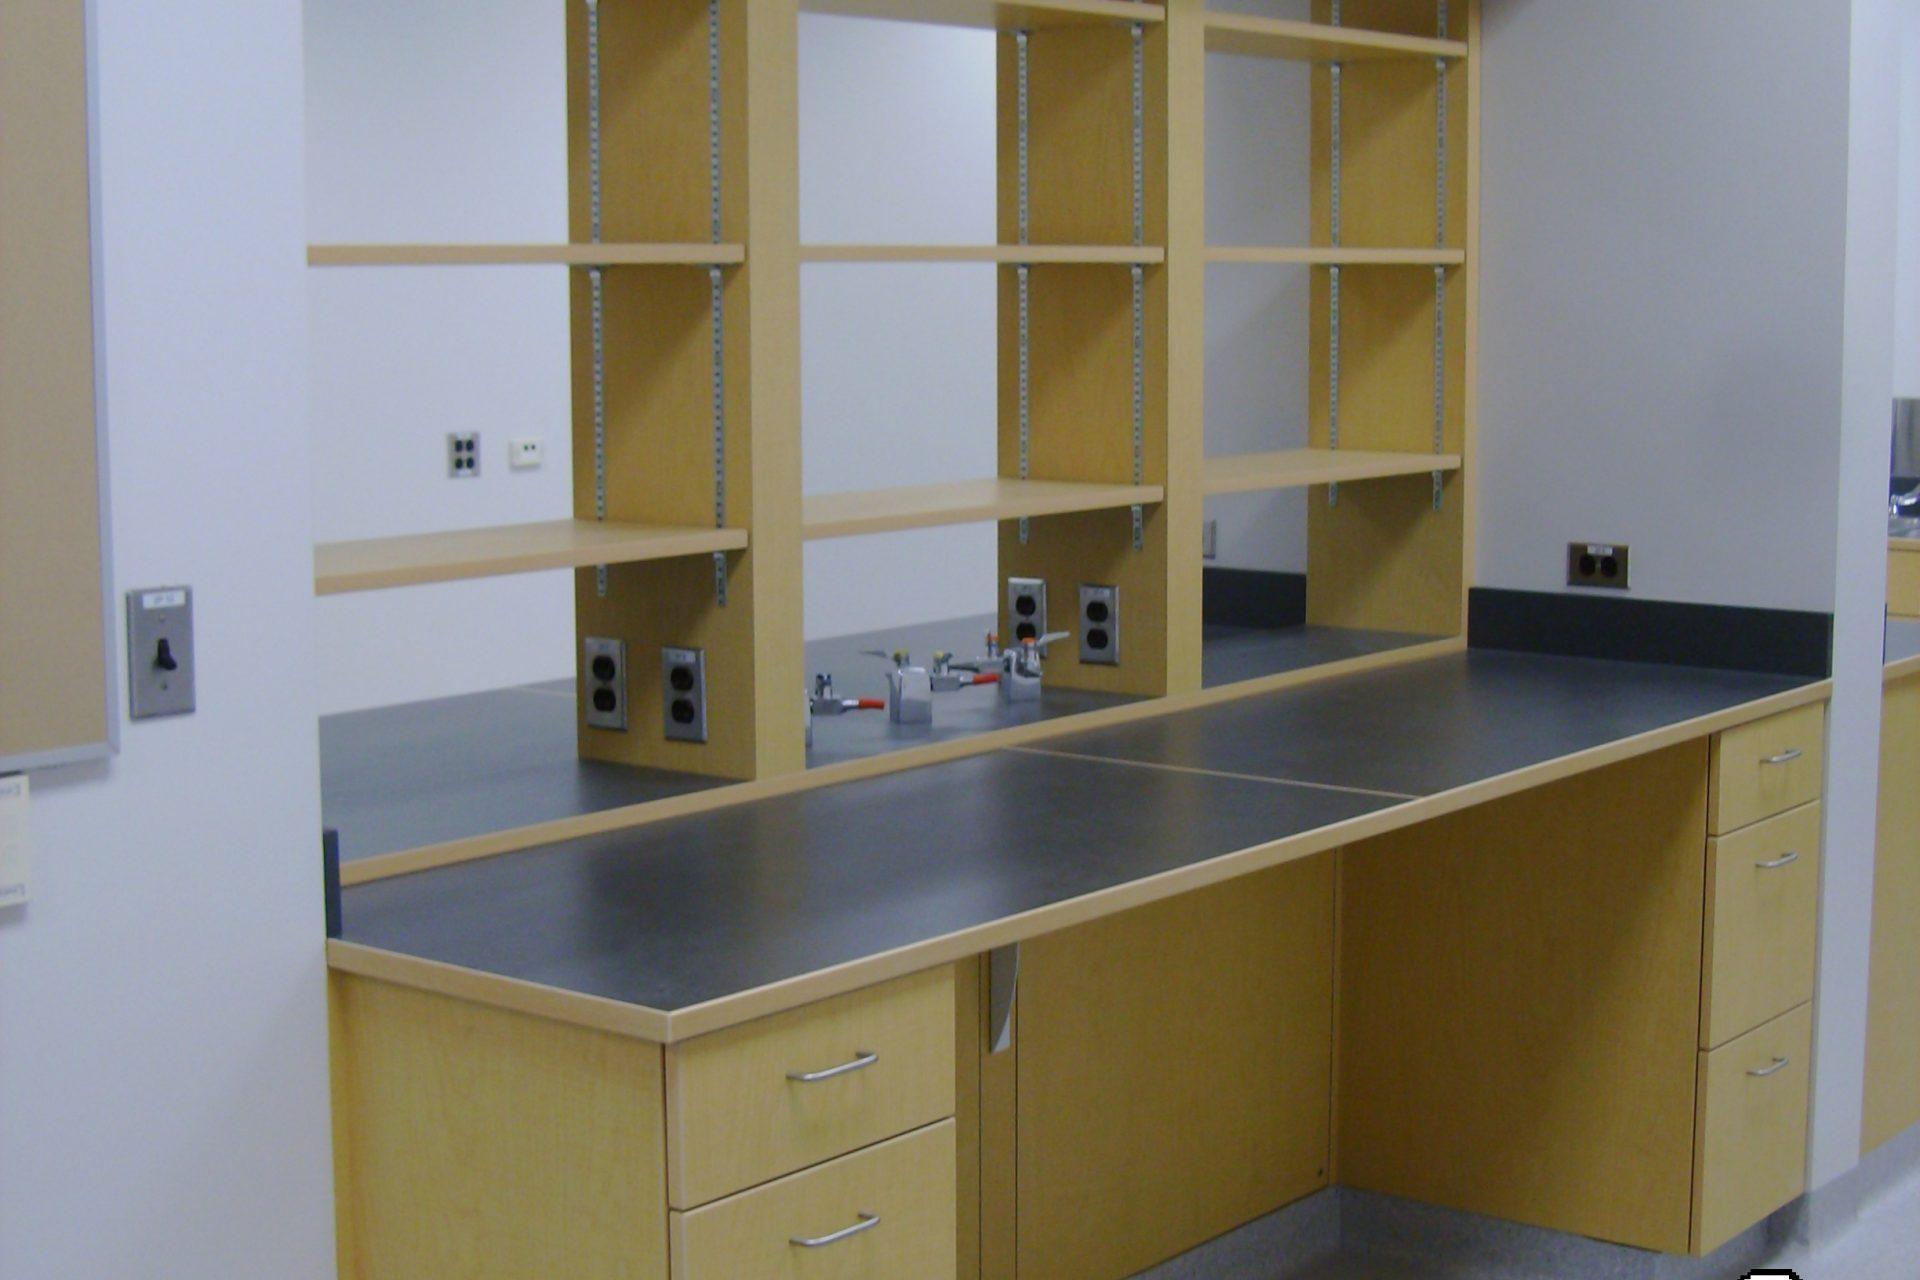 University of Manitoba Anatomy Lab 9